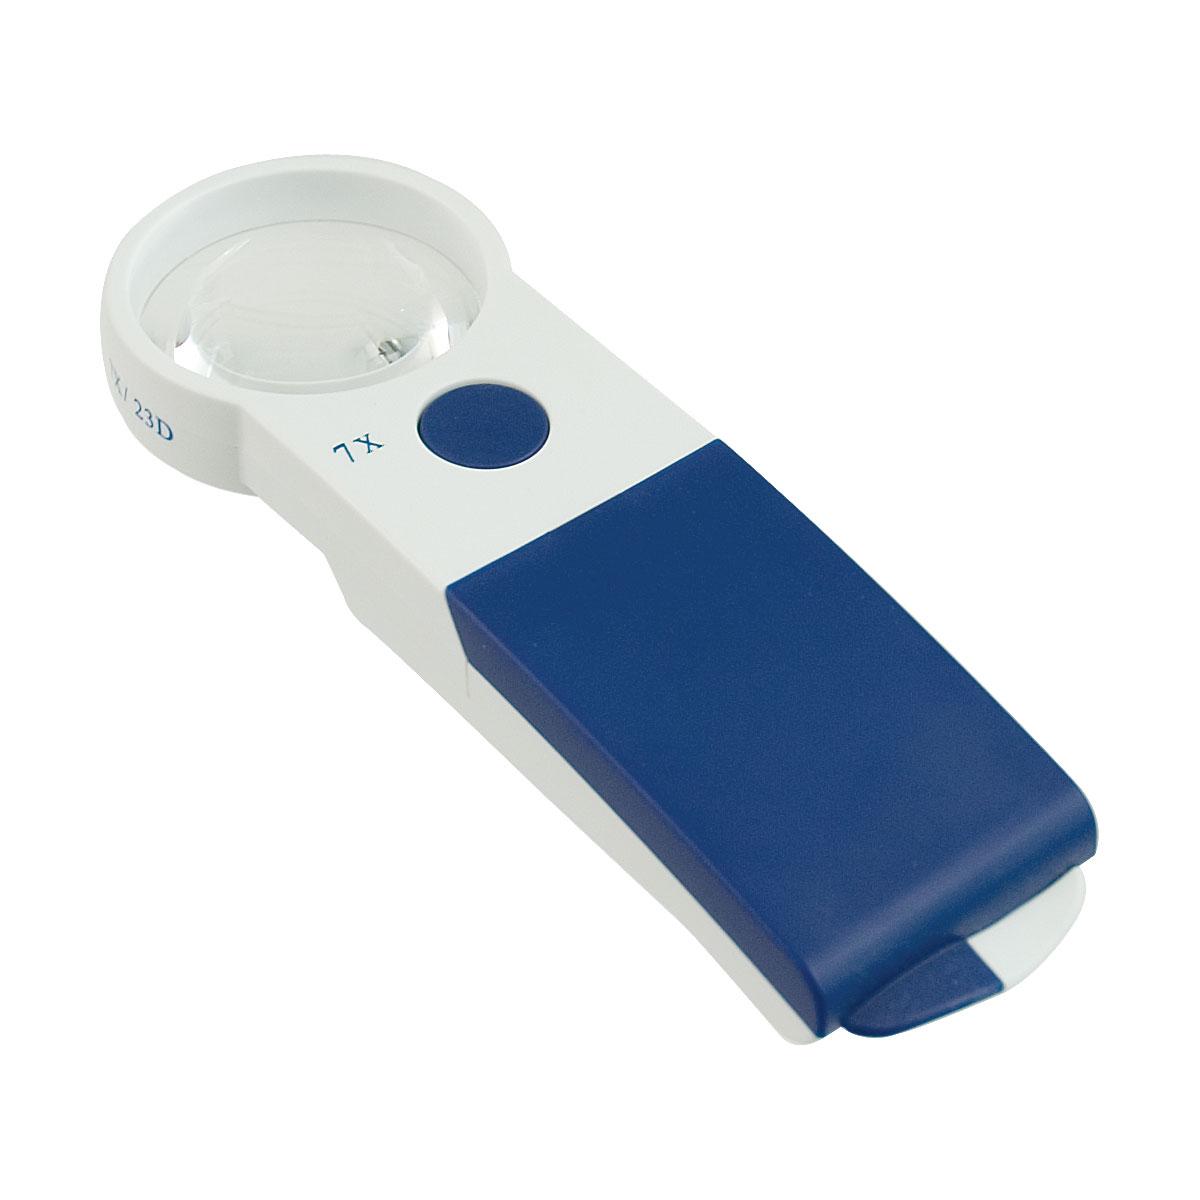 Reizen EZ Touch 7X 23D LED Handheld Magnifier - Round Lens 50mm